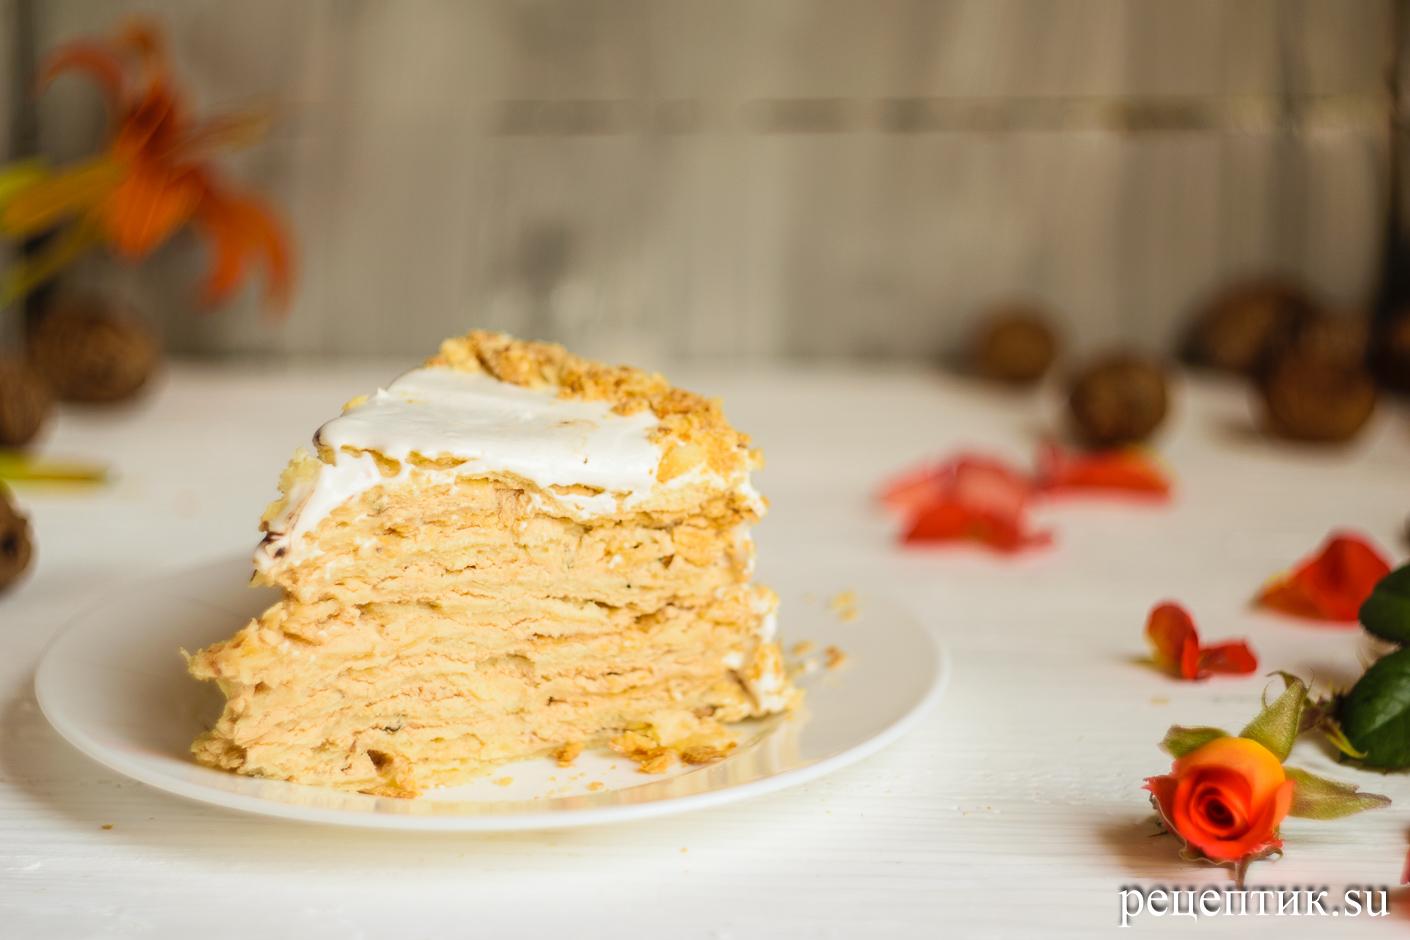 Карамельно-ореховый наполеон со сметанным кремом - рецепт с фото, результат